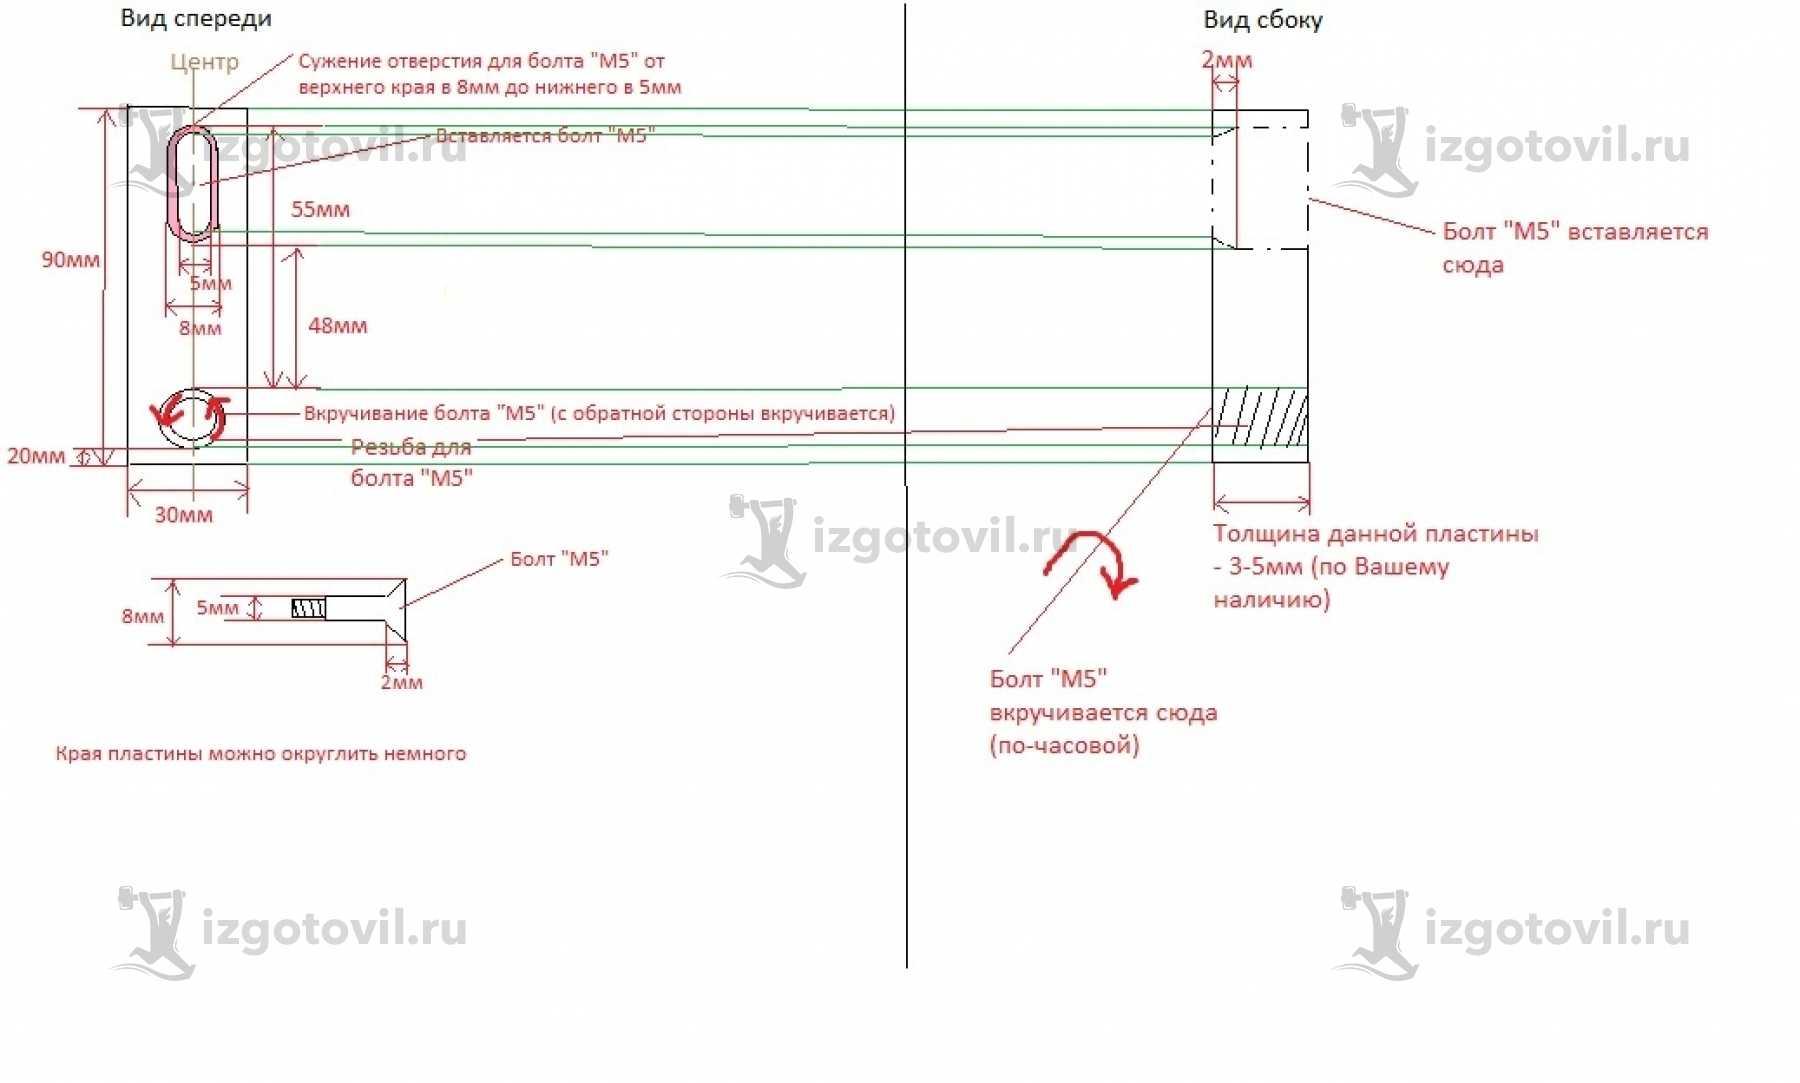 Изготовление деталей по чертежам - изготовление платин